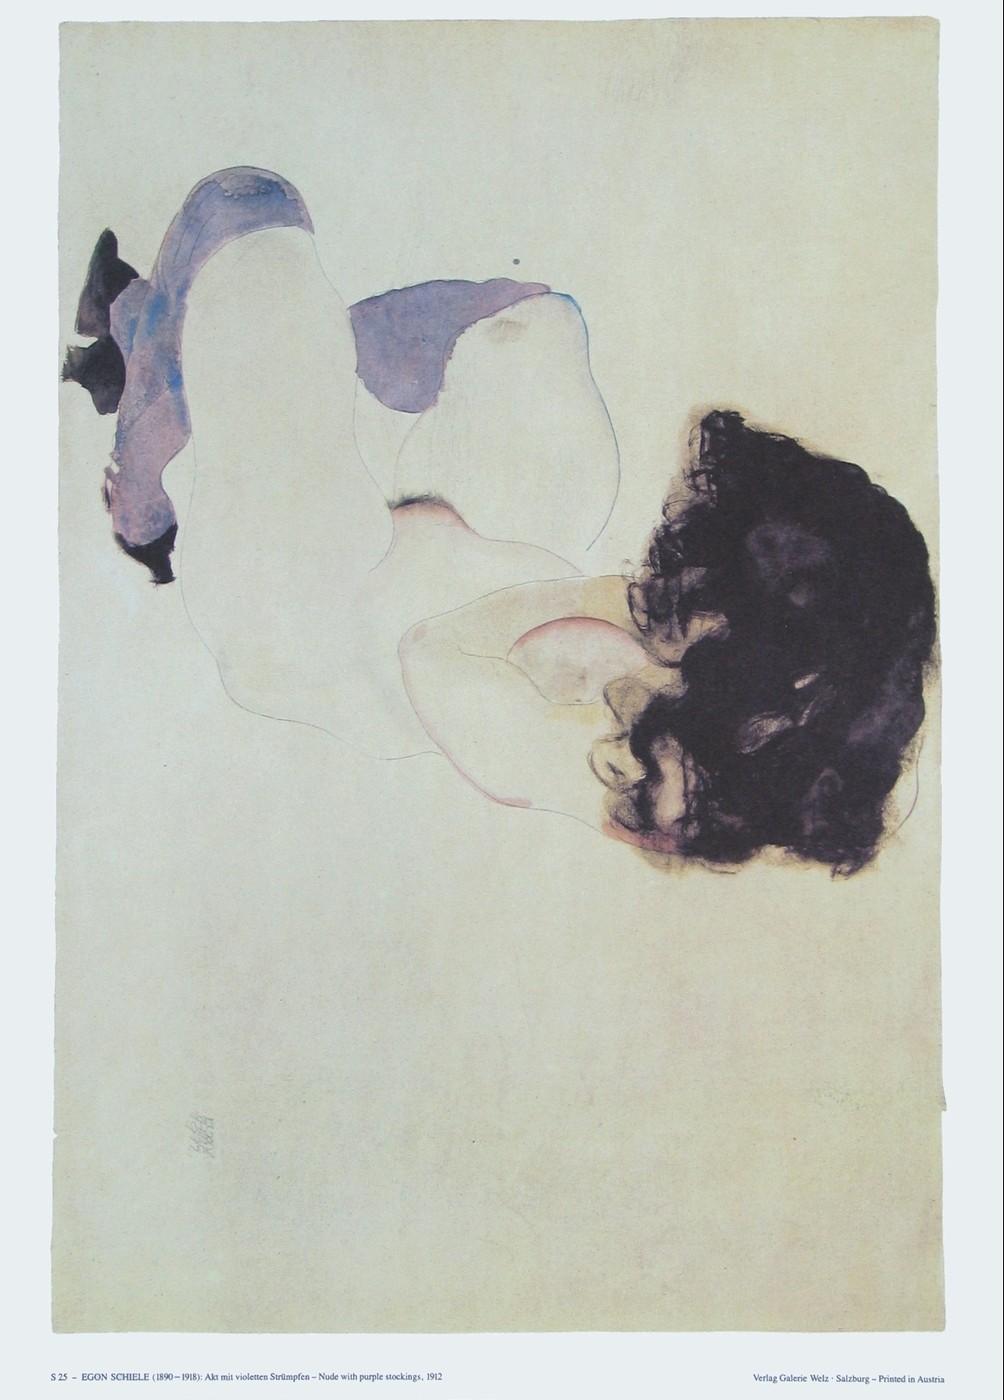 Egon Schiele, Akt mit violetten Strümpfen - 1..1912